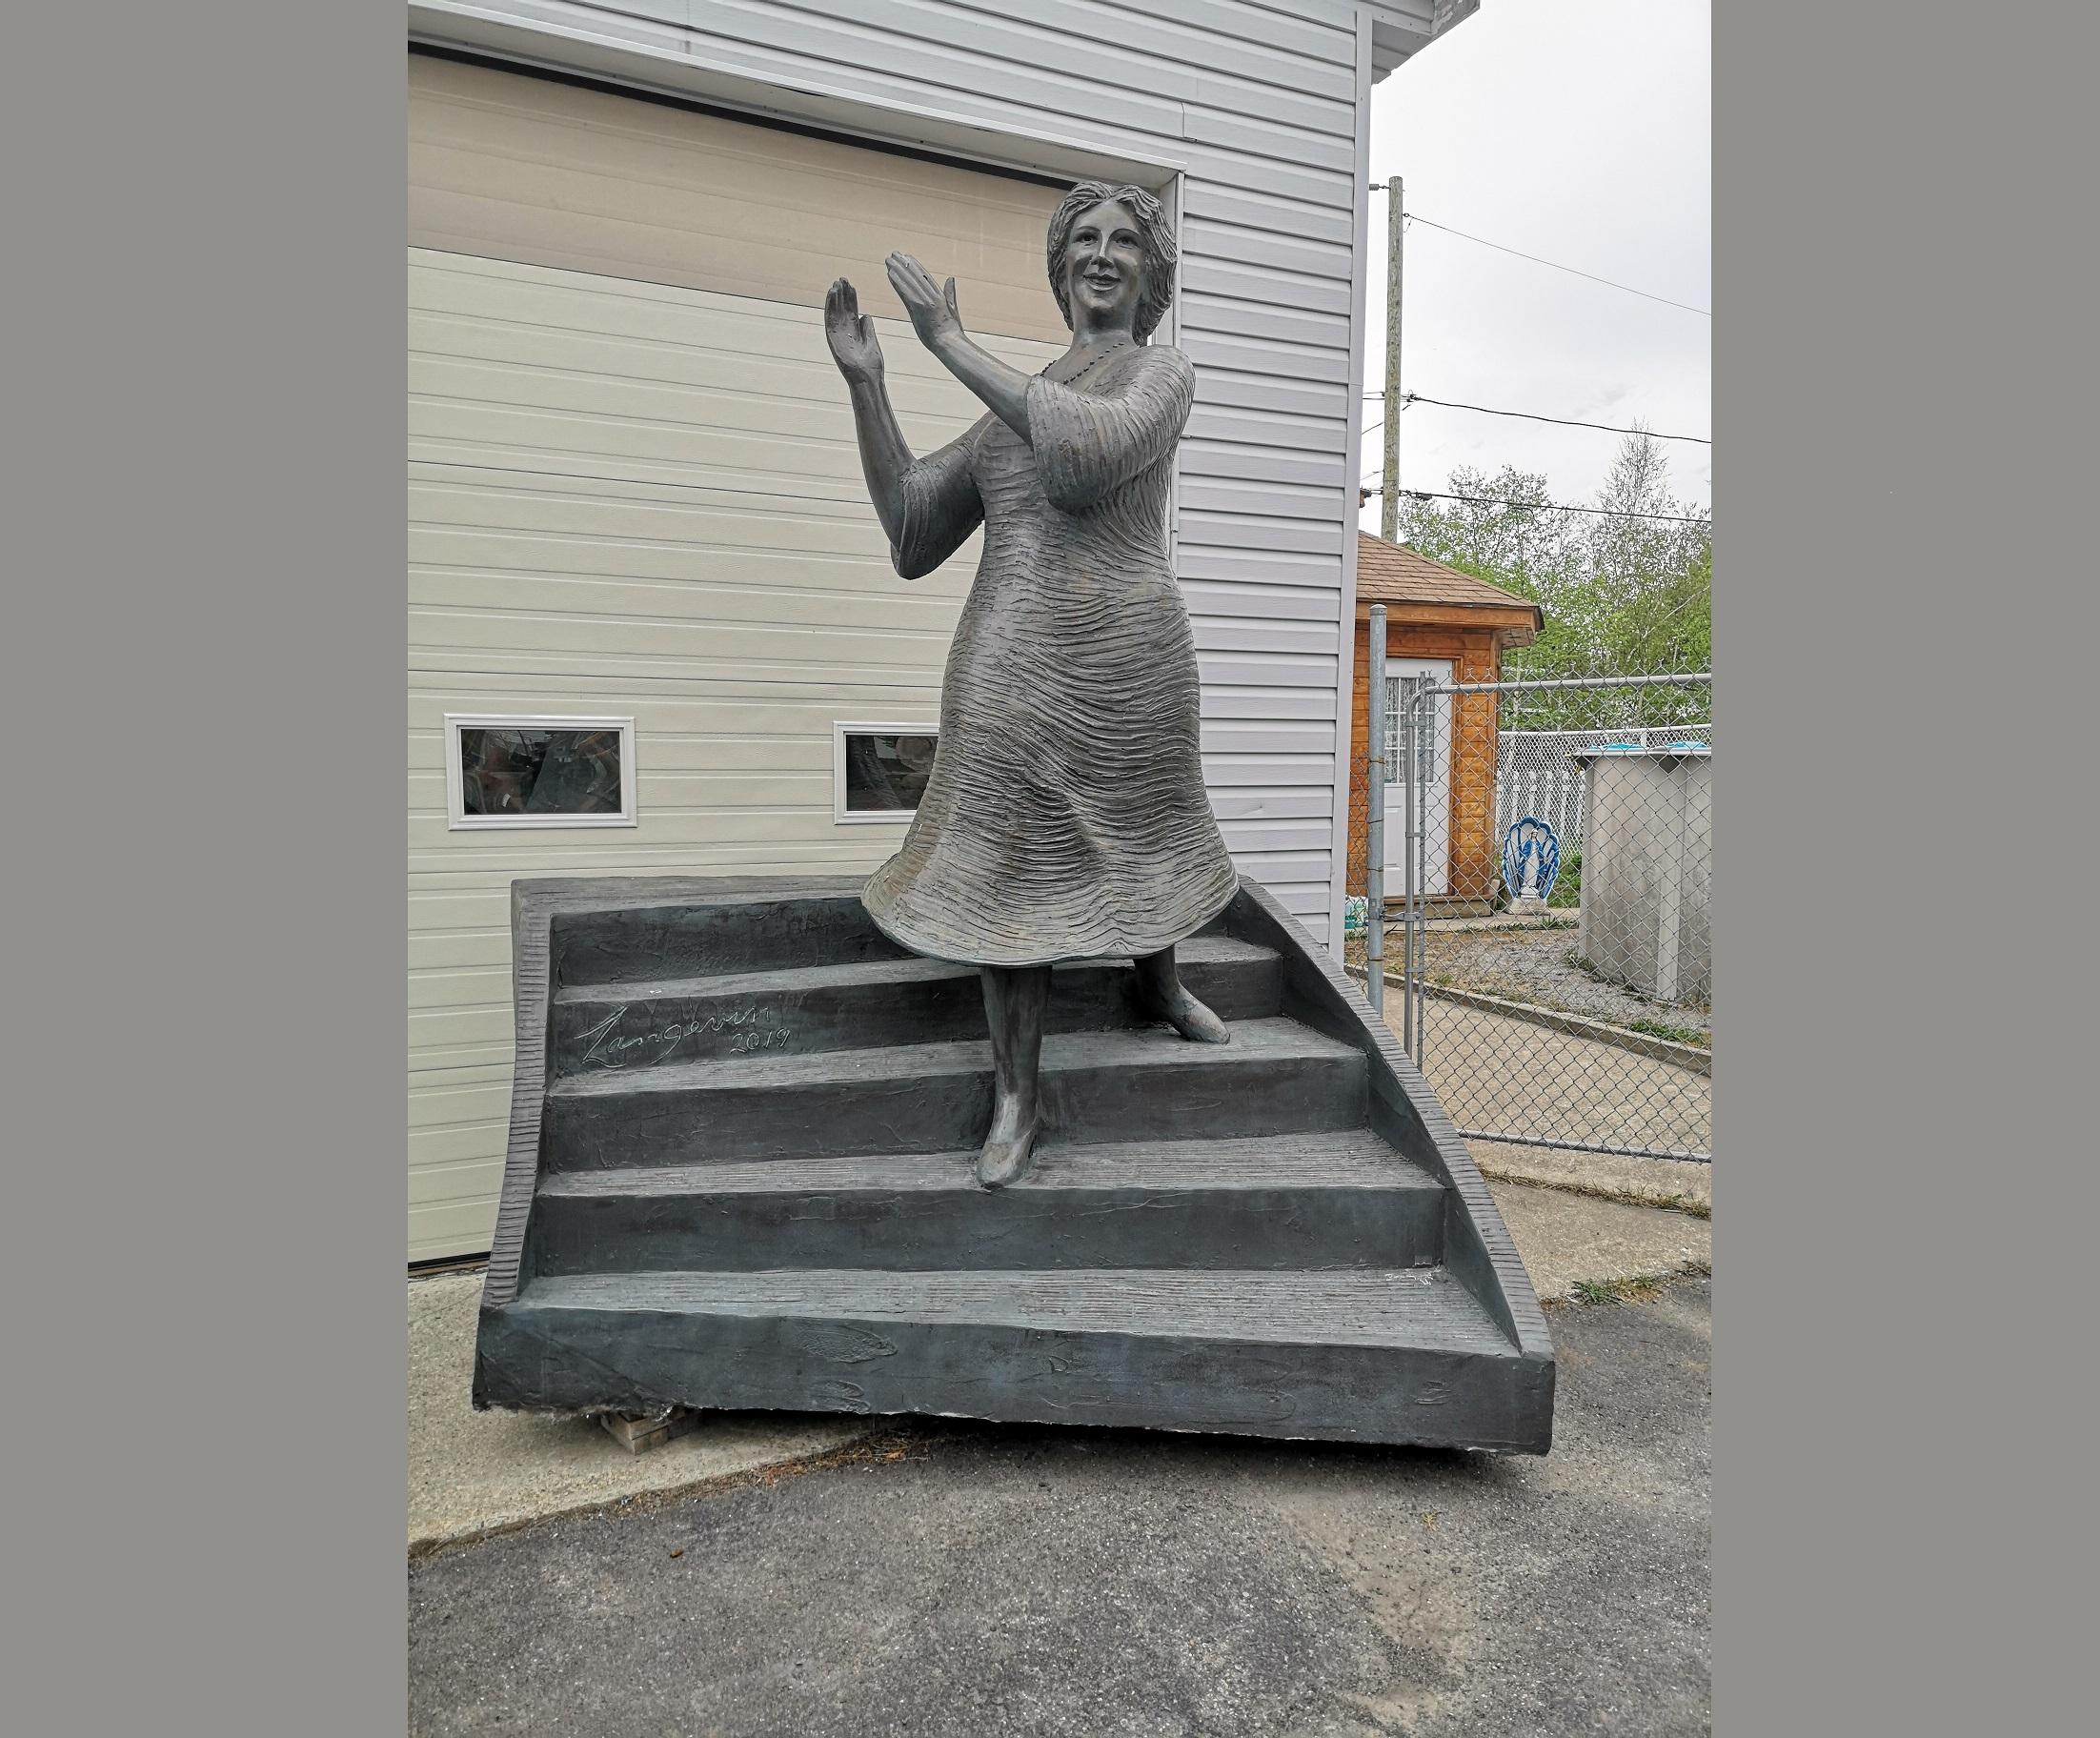 La Bolduc, une sculpture Roger Langevin, créée pour la vitalité et la joie que ce personnage dégageait.